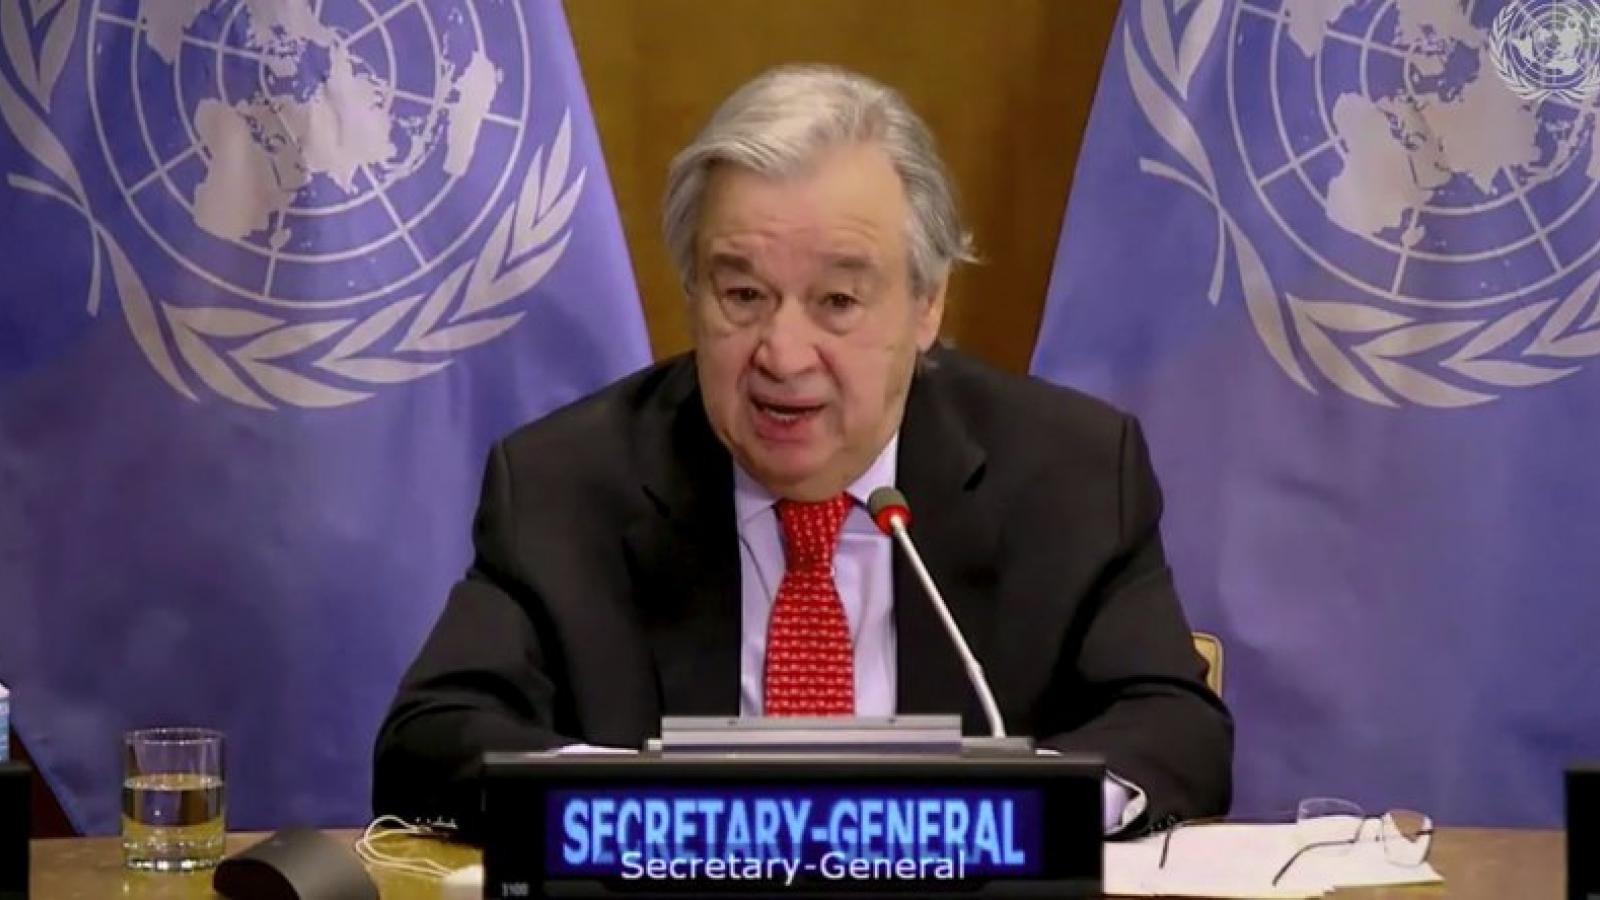 Hội đồng Bảo an LHQ ghi nhận sự thay đổi thái độ của Mỹ trong các vấn đề quốc tế